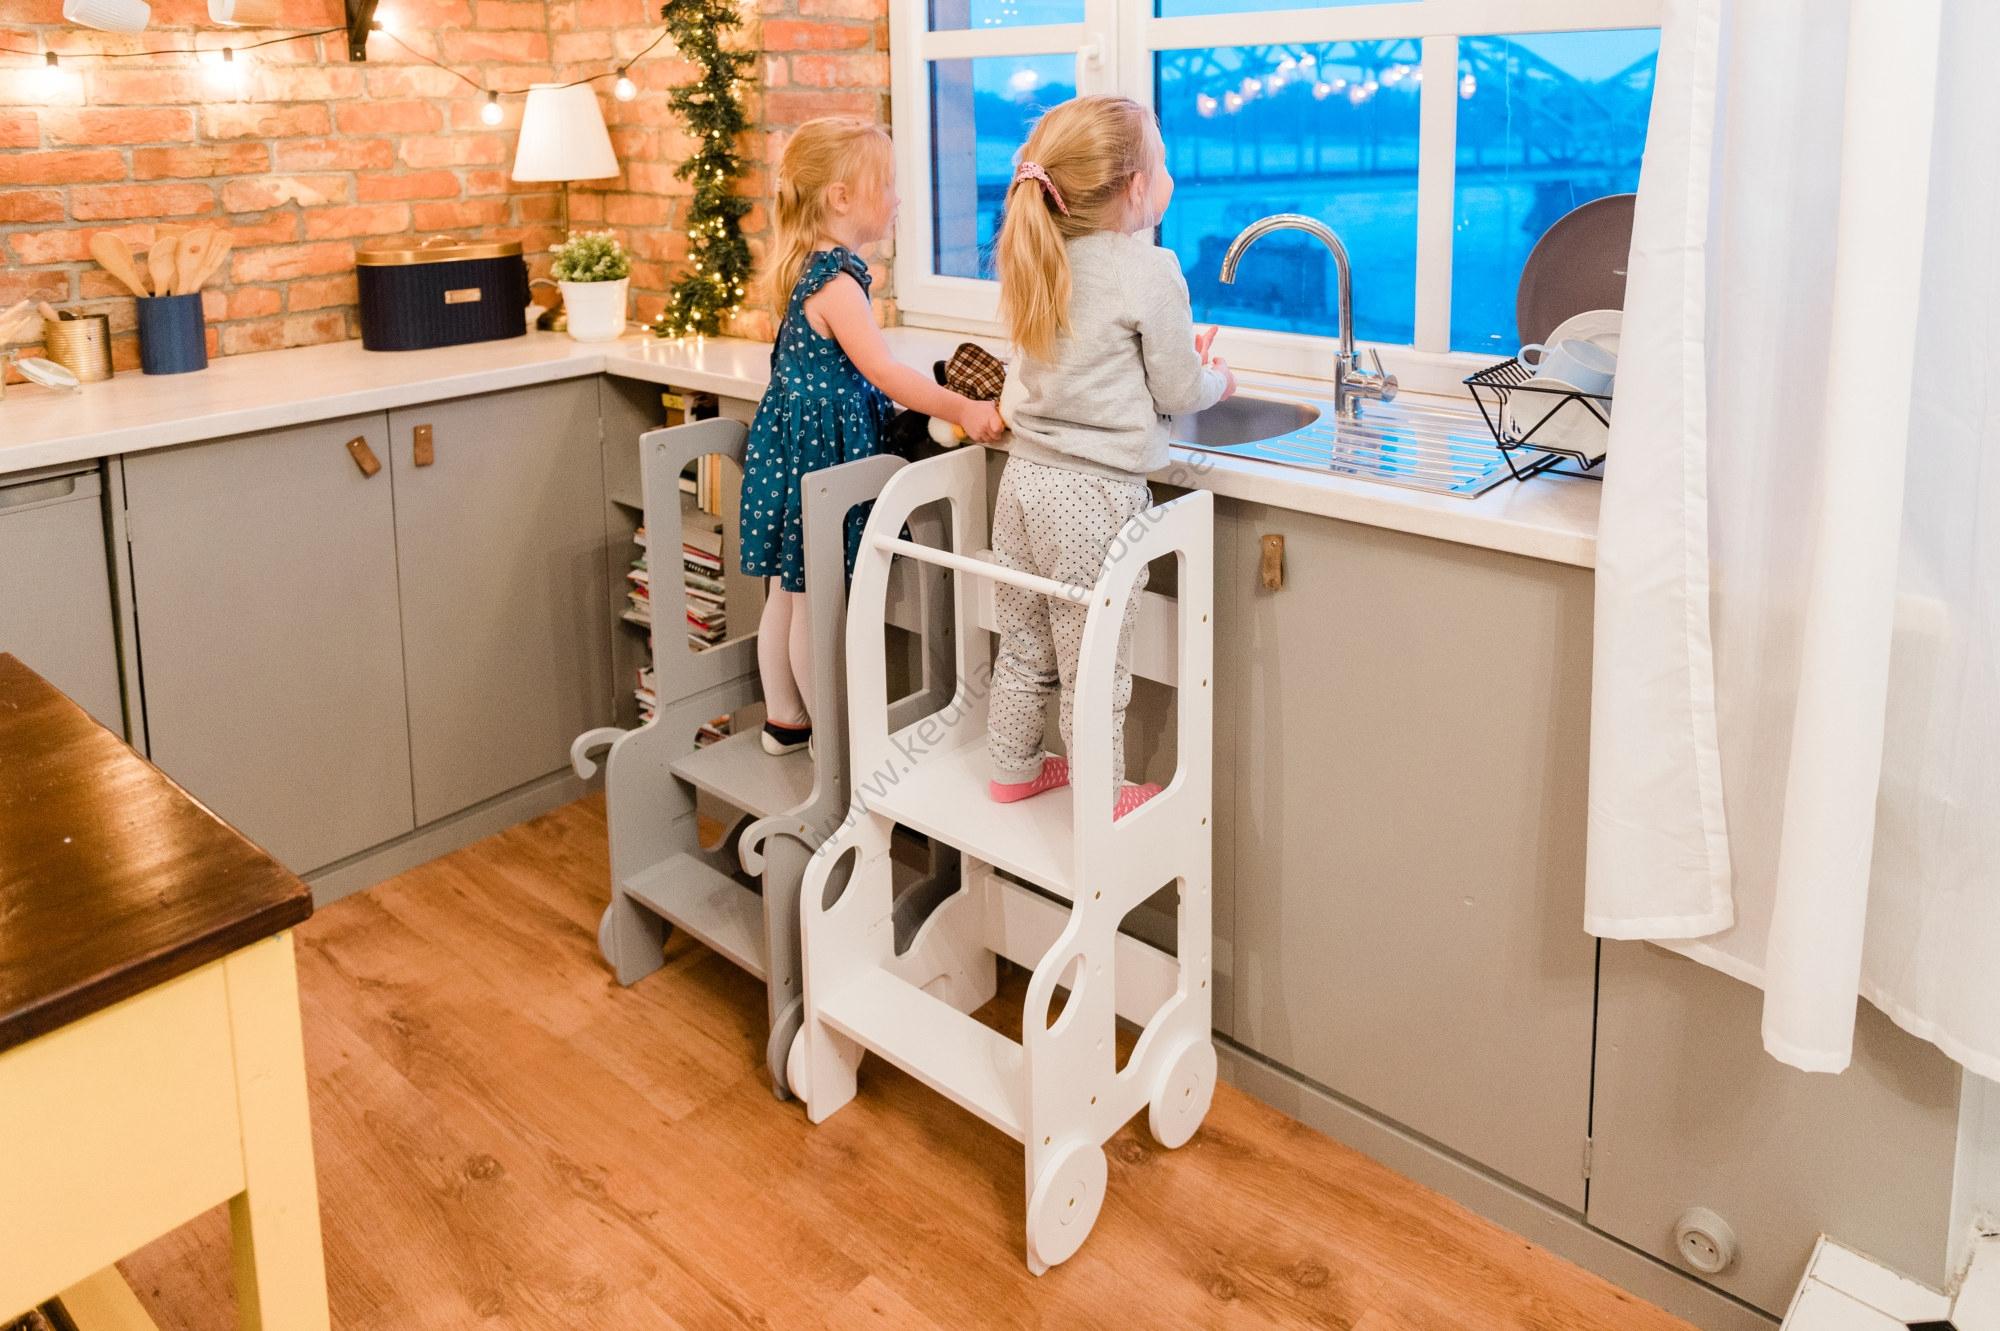 Laste köögitorn-pukk reguleeritava kõrgusega-14